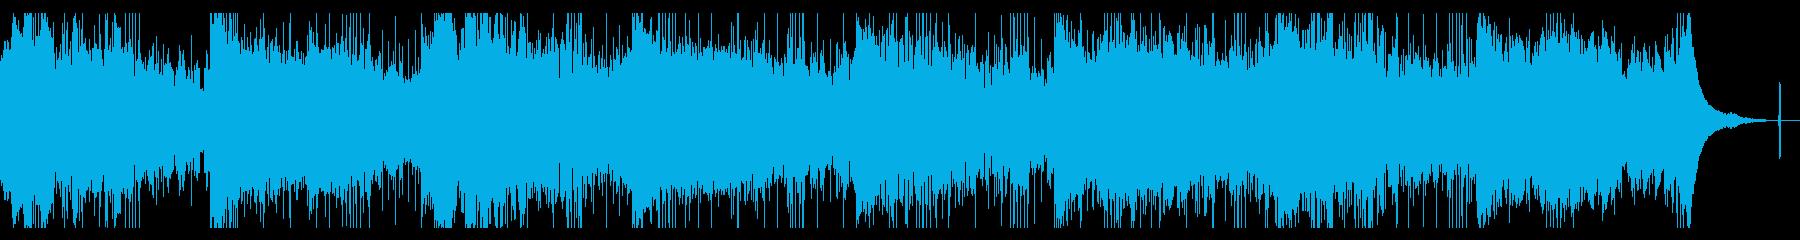 シネマティックなテクスチャーIDMの再生済みの波形